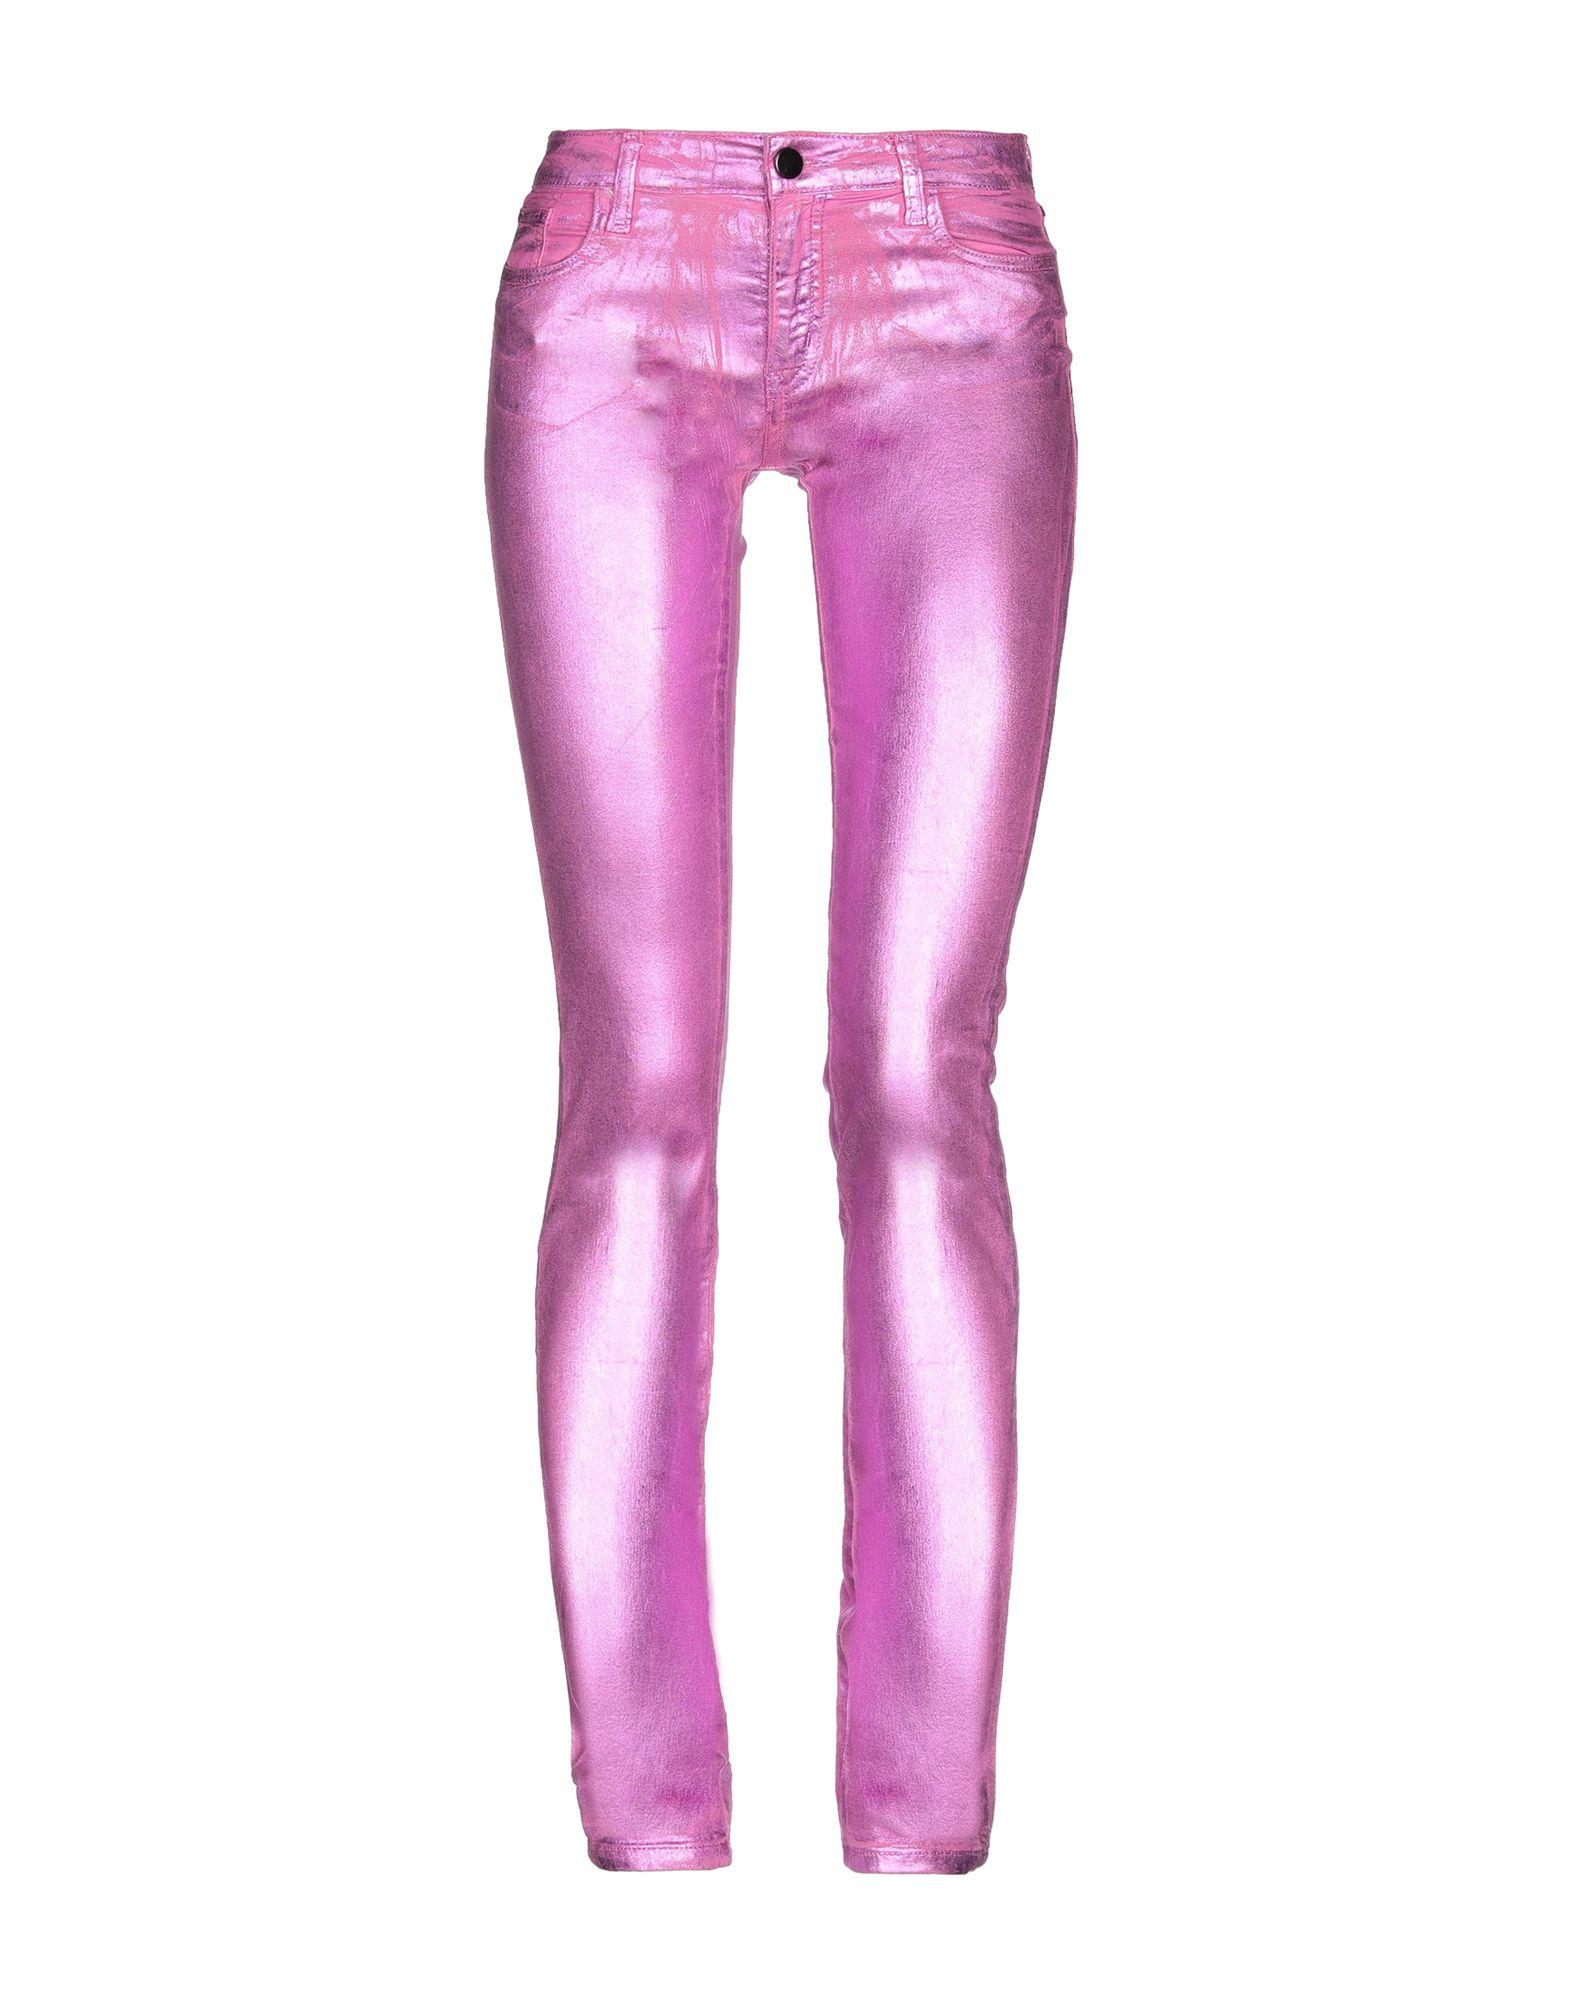 75 FAUBOURG Повседневные брюки 75 faubourg джинсовые брюки капри